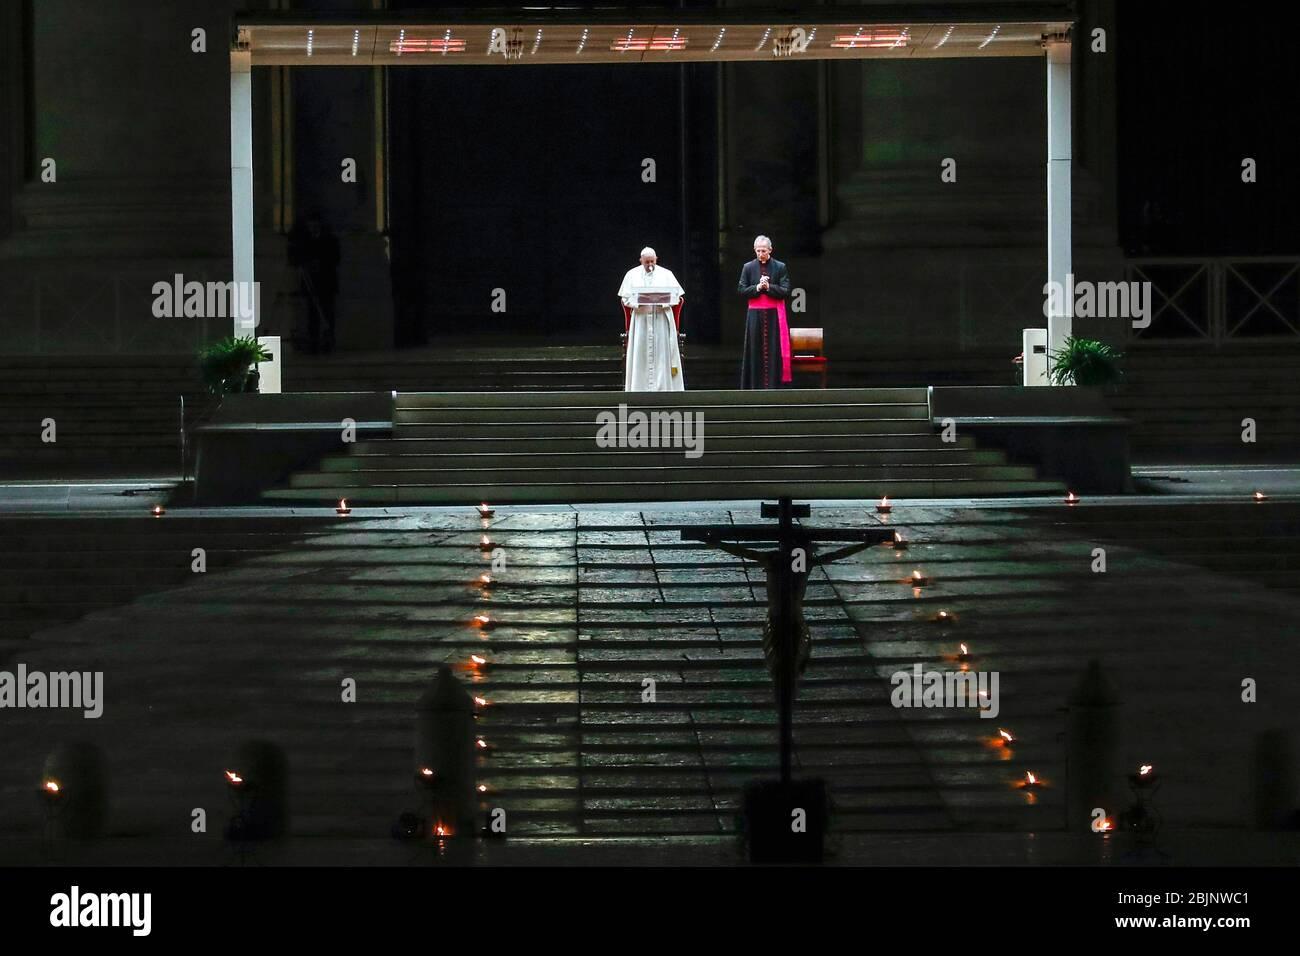 Roma, 10 aprile 2020, Città del Vaticano : la settimana Santa a Roma al momento dell'epidemia di Coronavirus. Il Papa Francesco partecipa alla Via Crucis (Via Croci Foto Stock